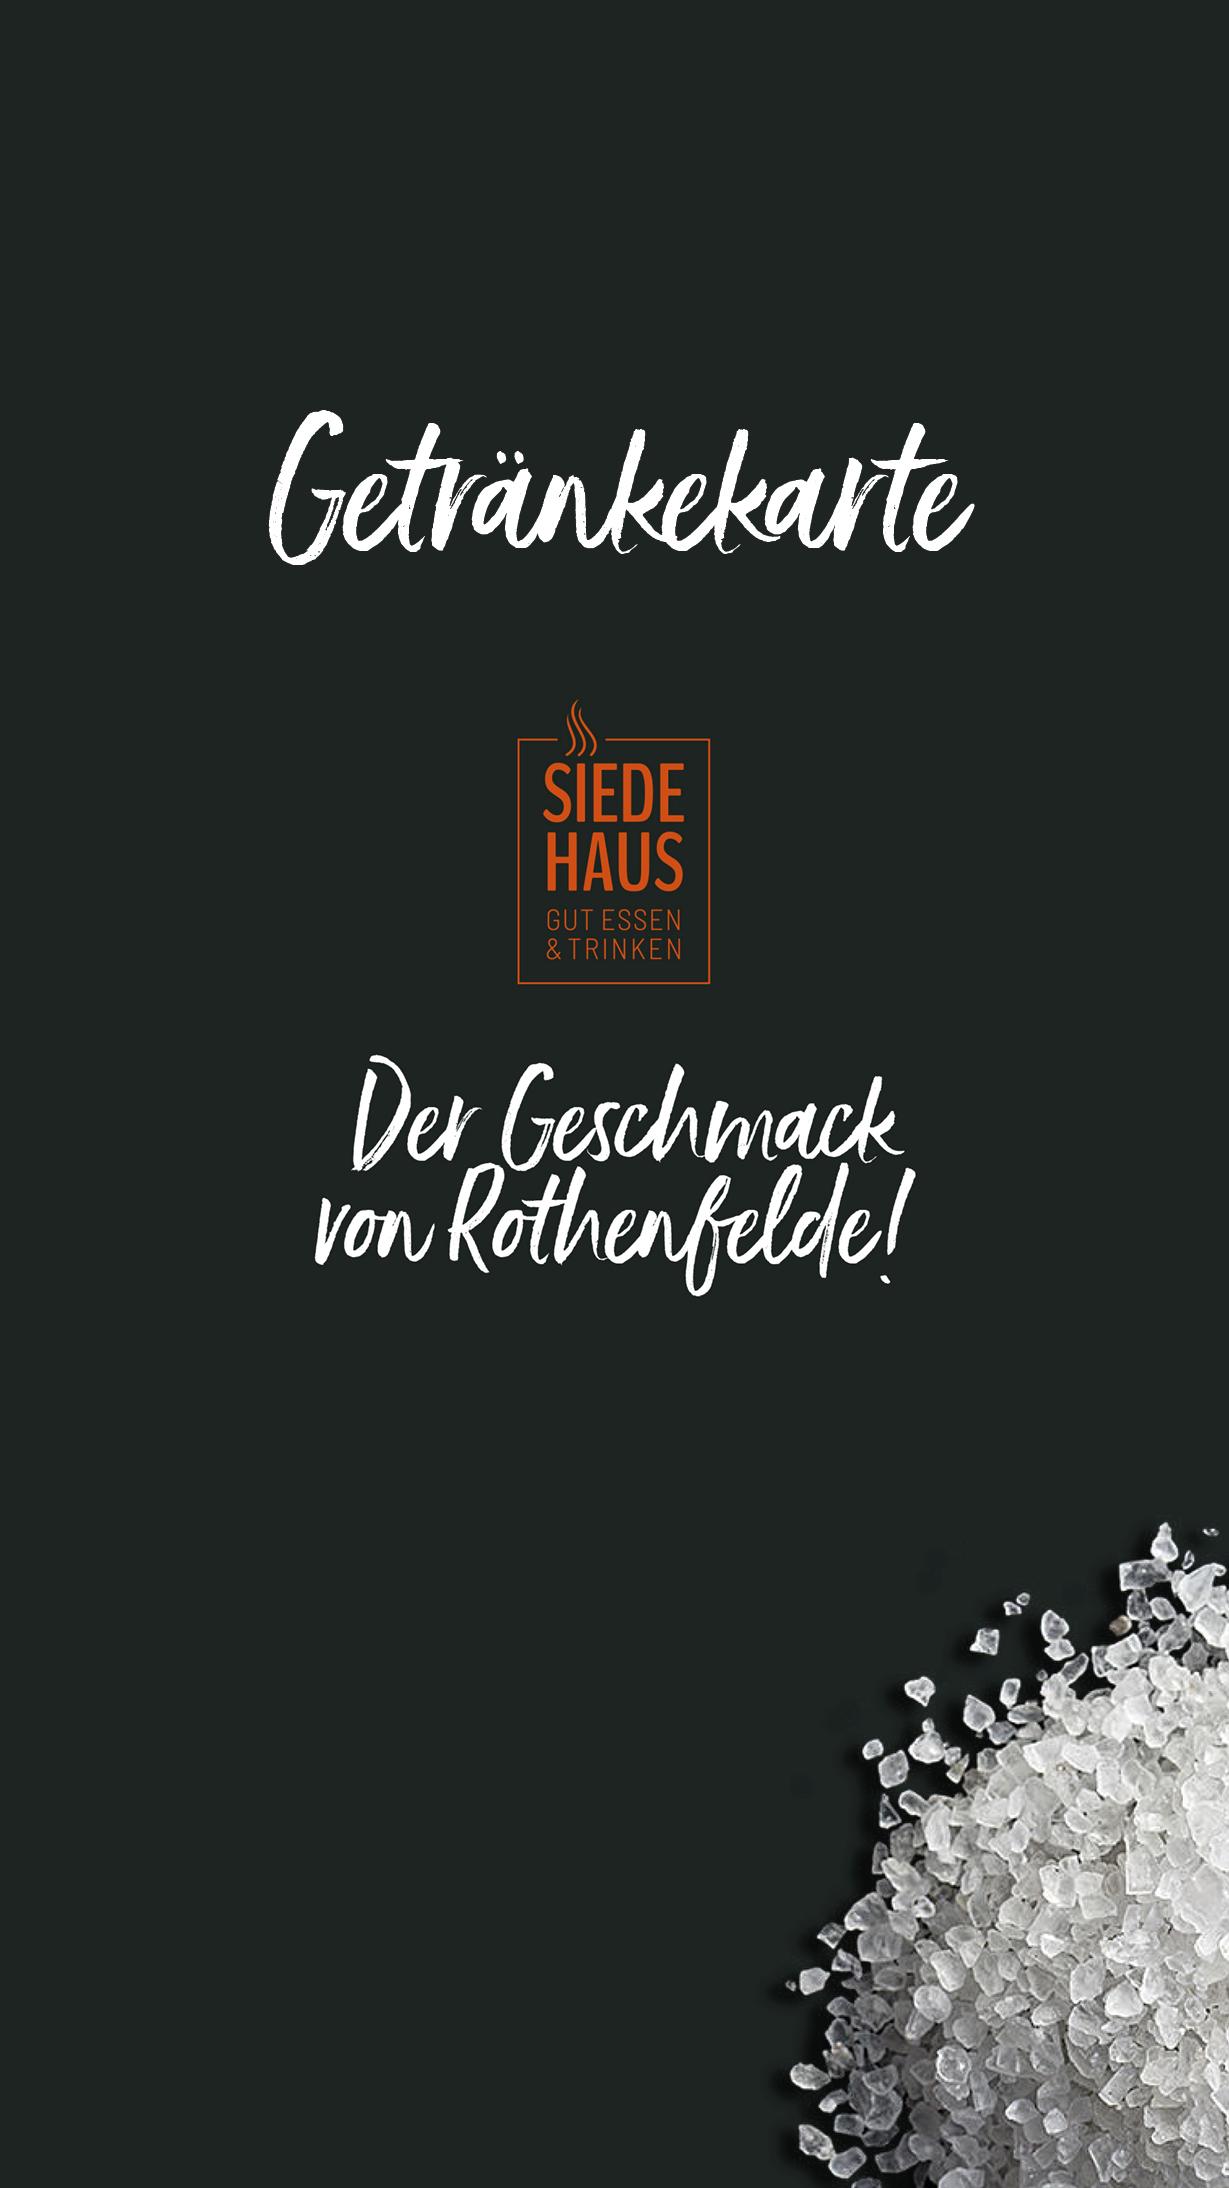 Siedehaus_Getränkekarte